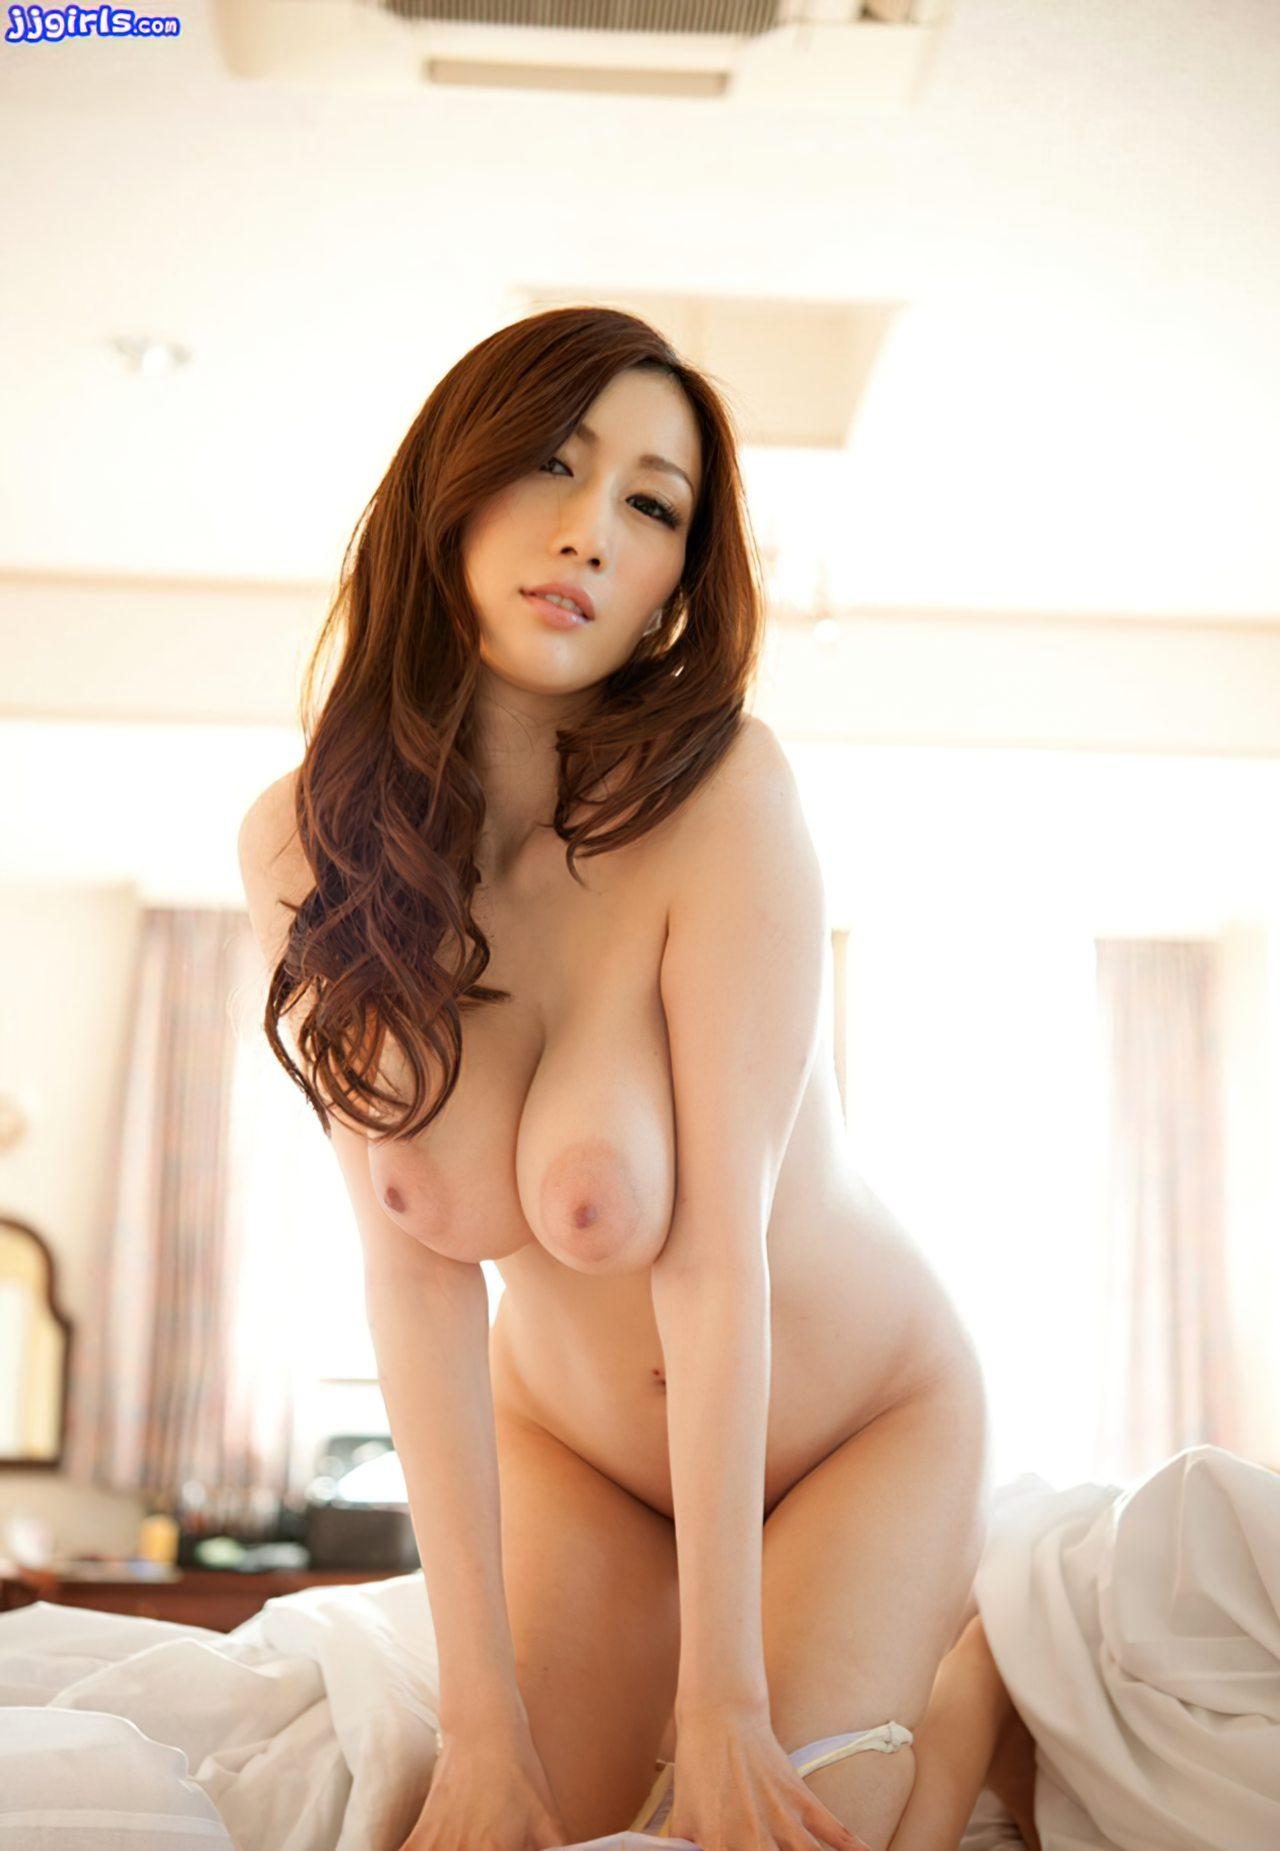 Japonesa Bonita e Gostosa (19)